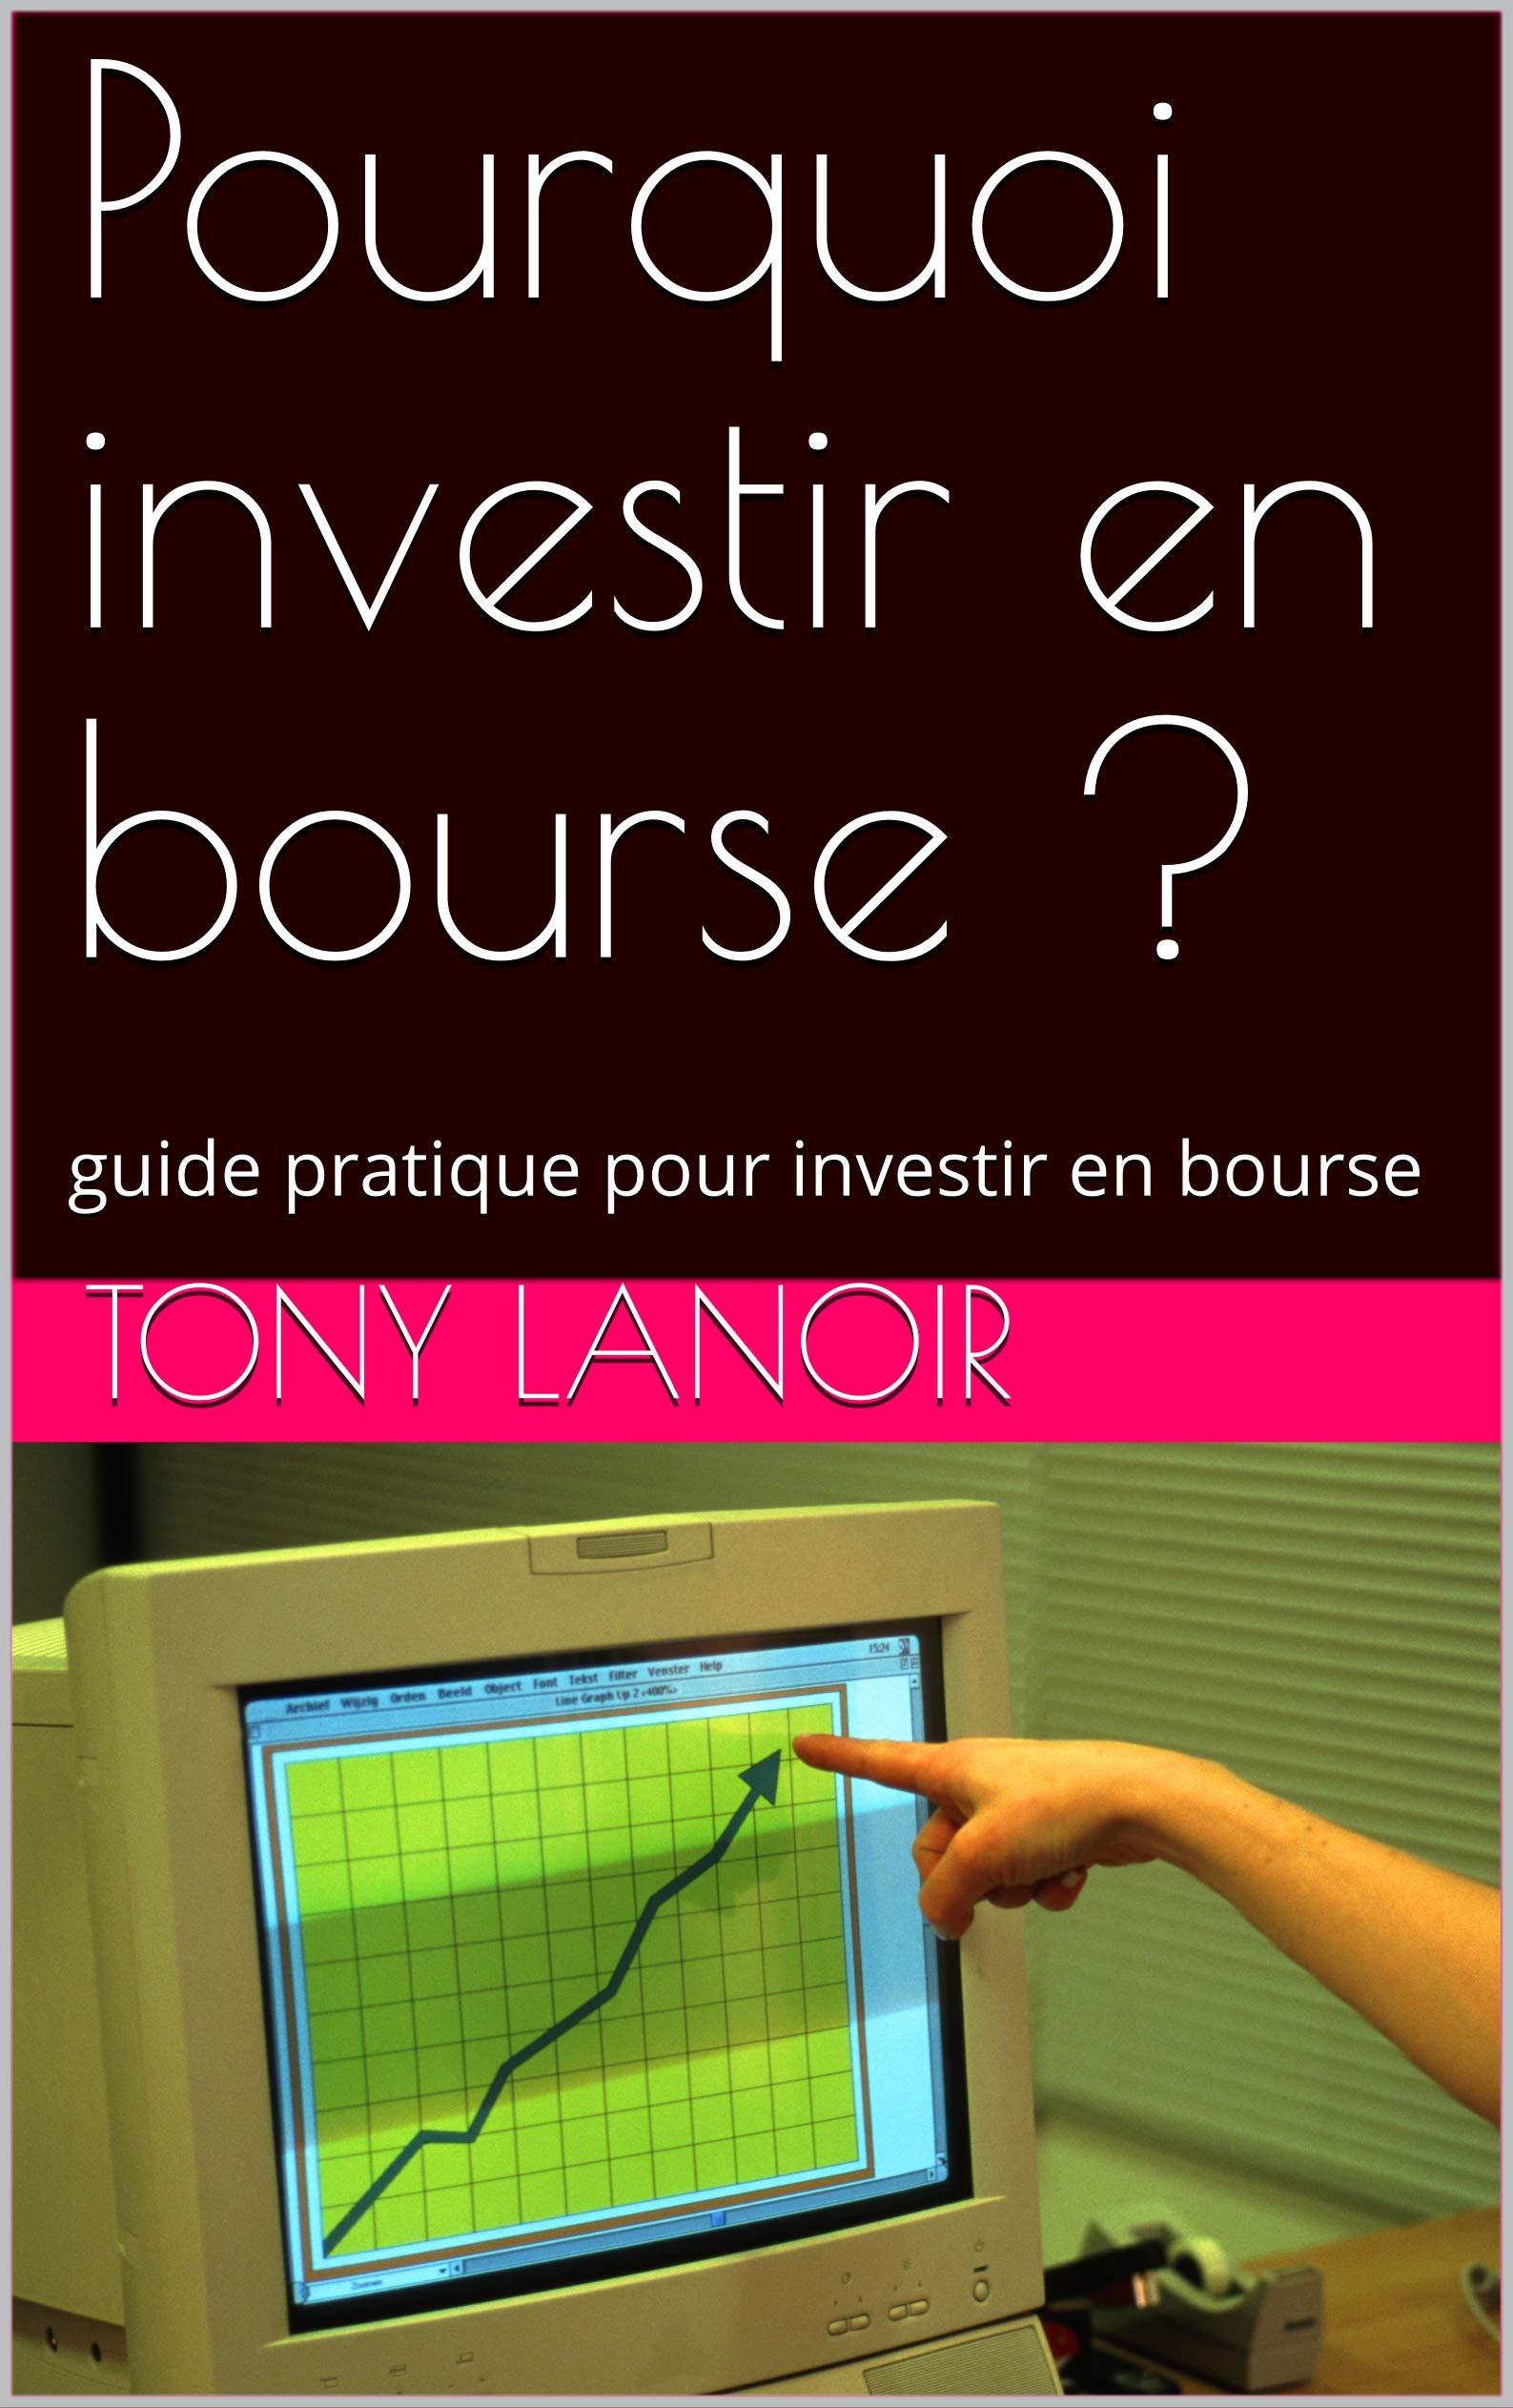 Pourquoi investir en bourse ?: guide pratique pour investir en bourse (French Edition)